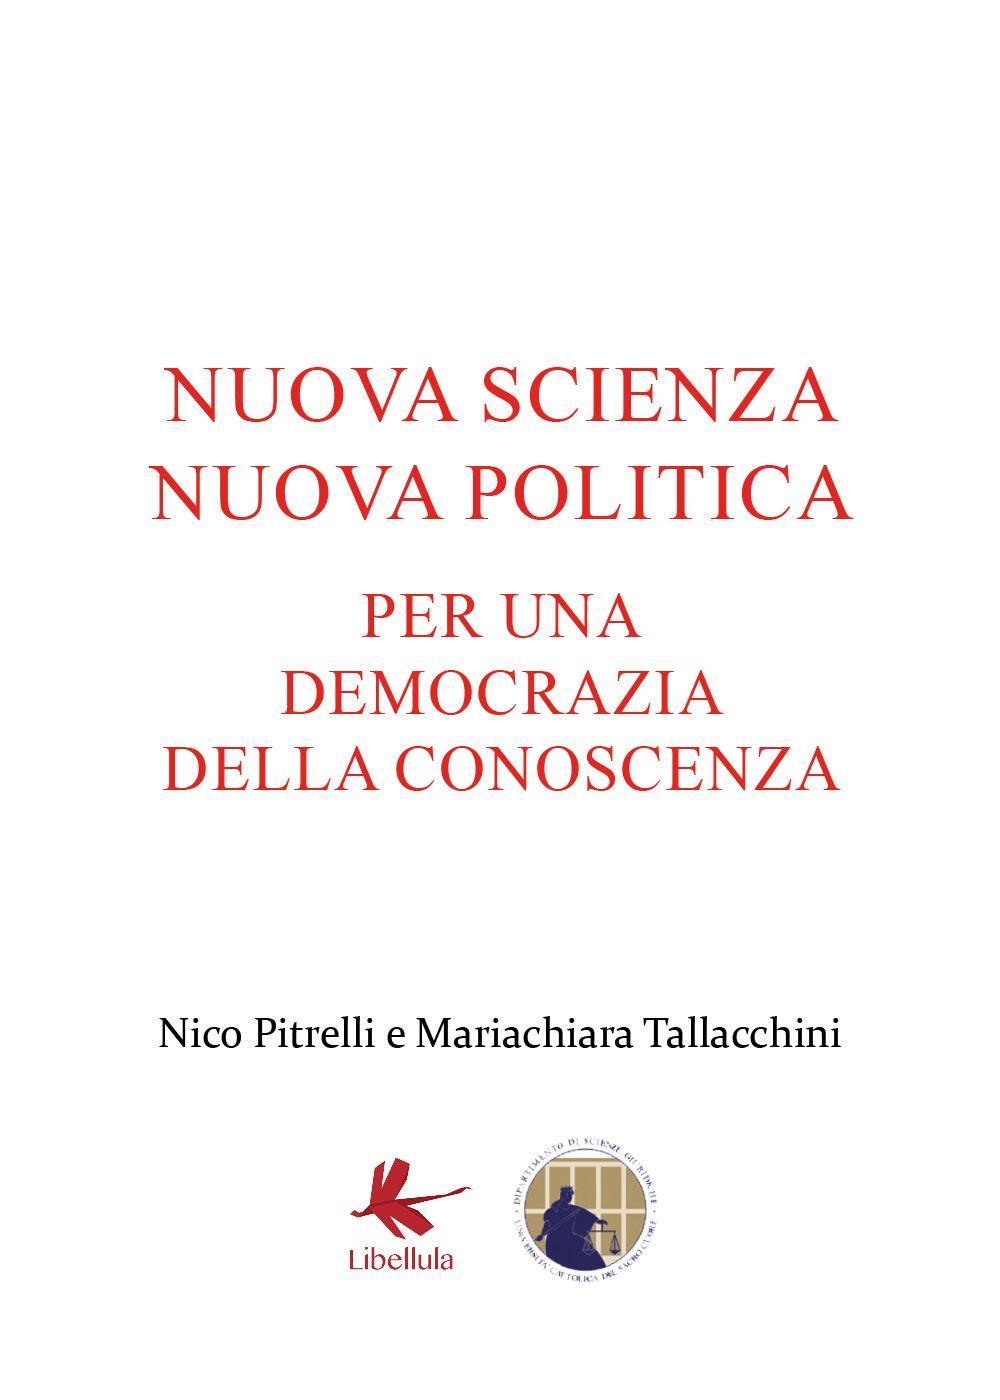 Nuova scienza nuova politica. Per una democrazia della conoscenza